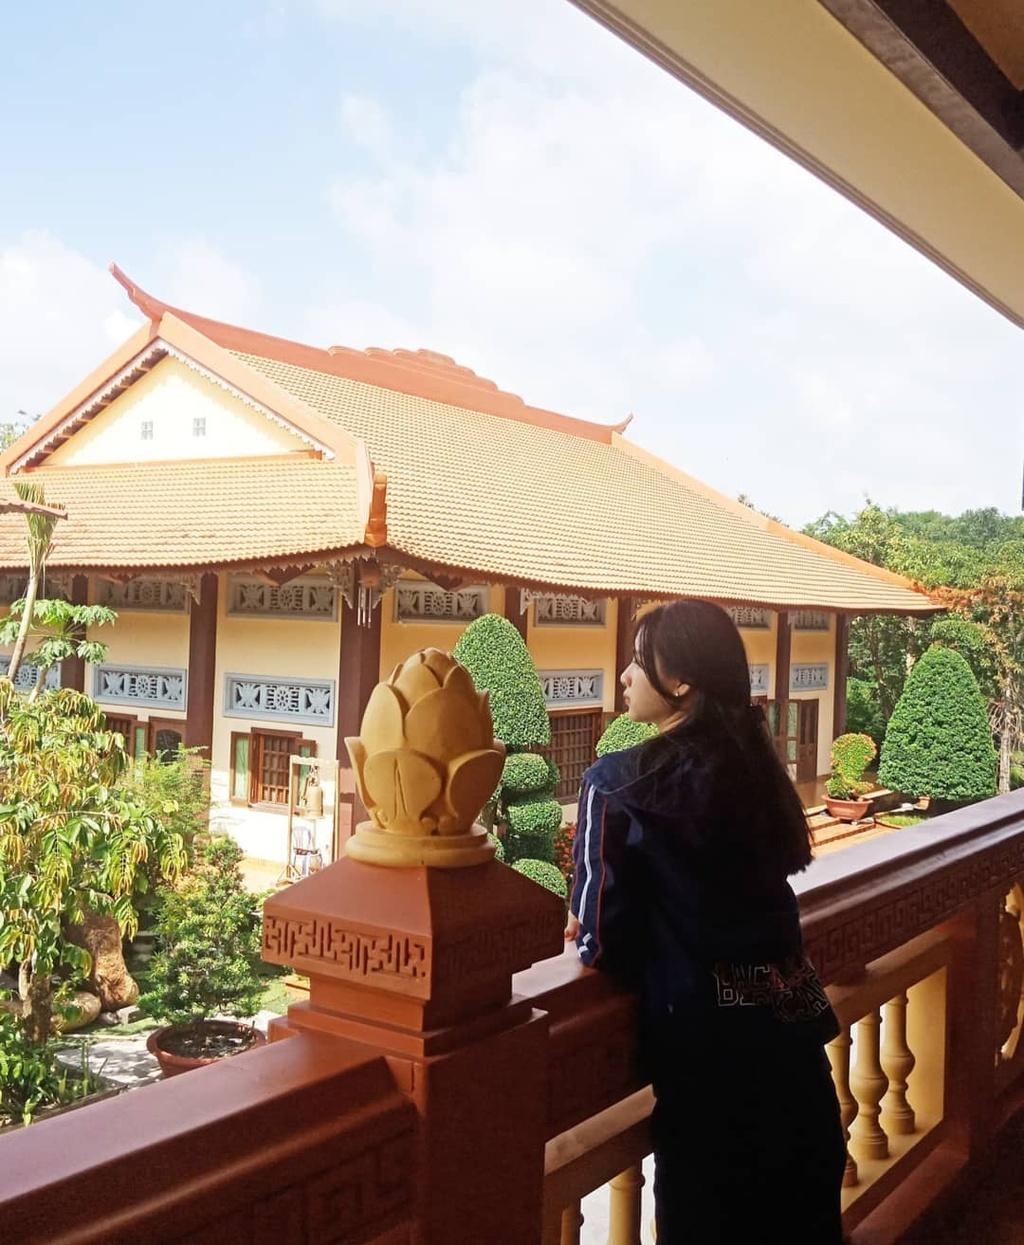 4 Thien vien Truc Lam noi tieng o Nam Bo hinh anh 15  - lekimngann_68707296_2801753653172178_6062829669546087061_n - 4 Thiền viện Trúc Lâm nổi tiếng ở Nam Bộ